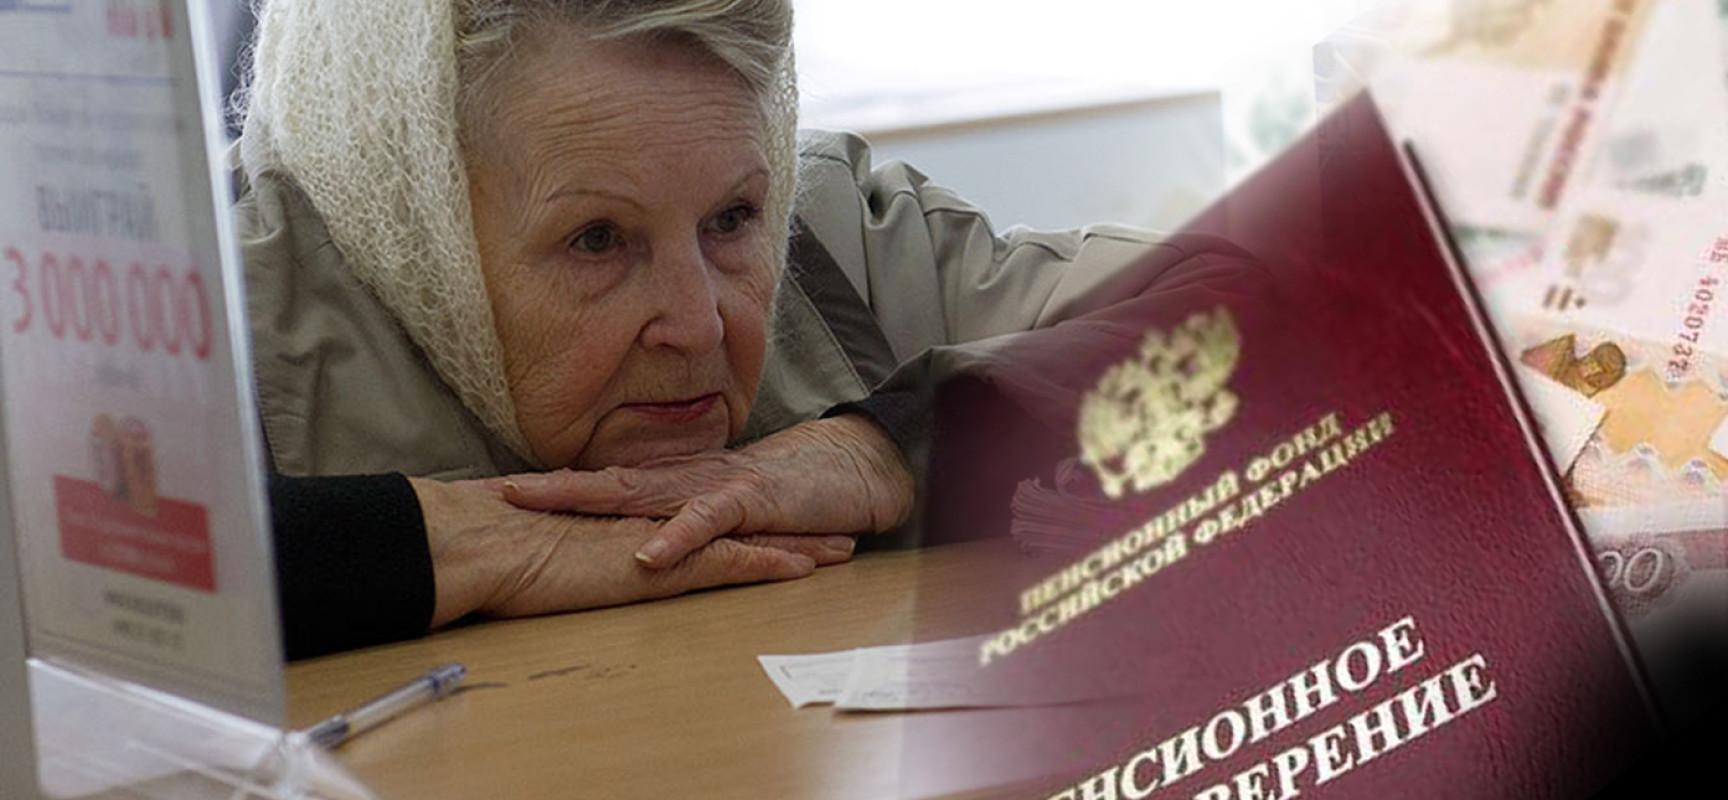 Как жить и на что рассчитывать на пенсии в России: средний размер, прожиточный минимум, как повысить пенсию